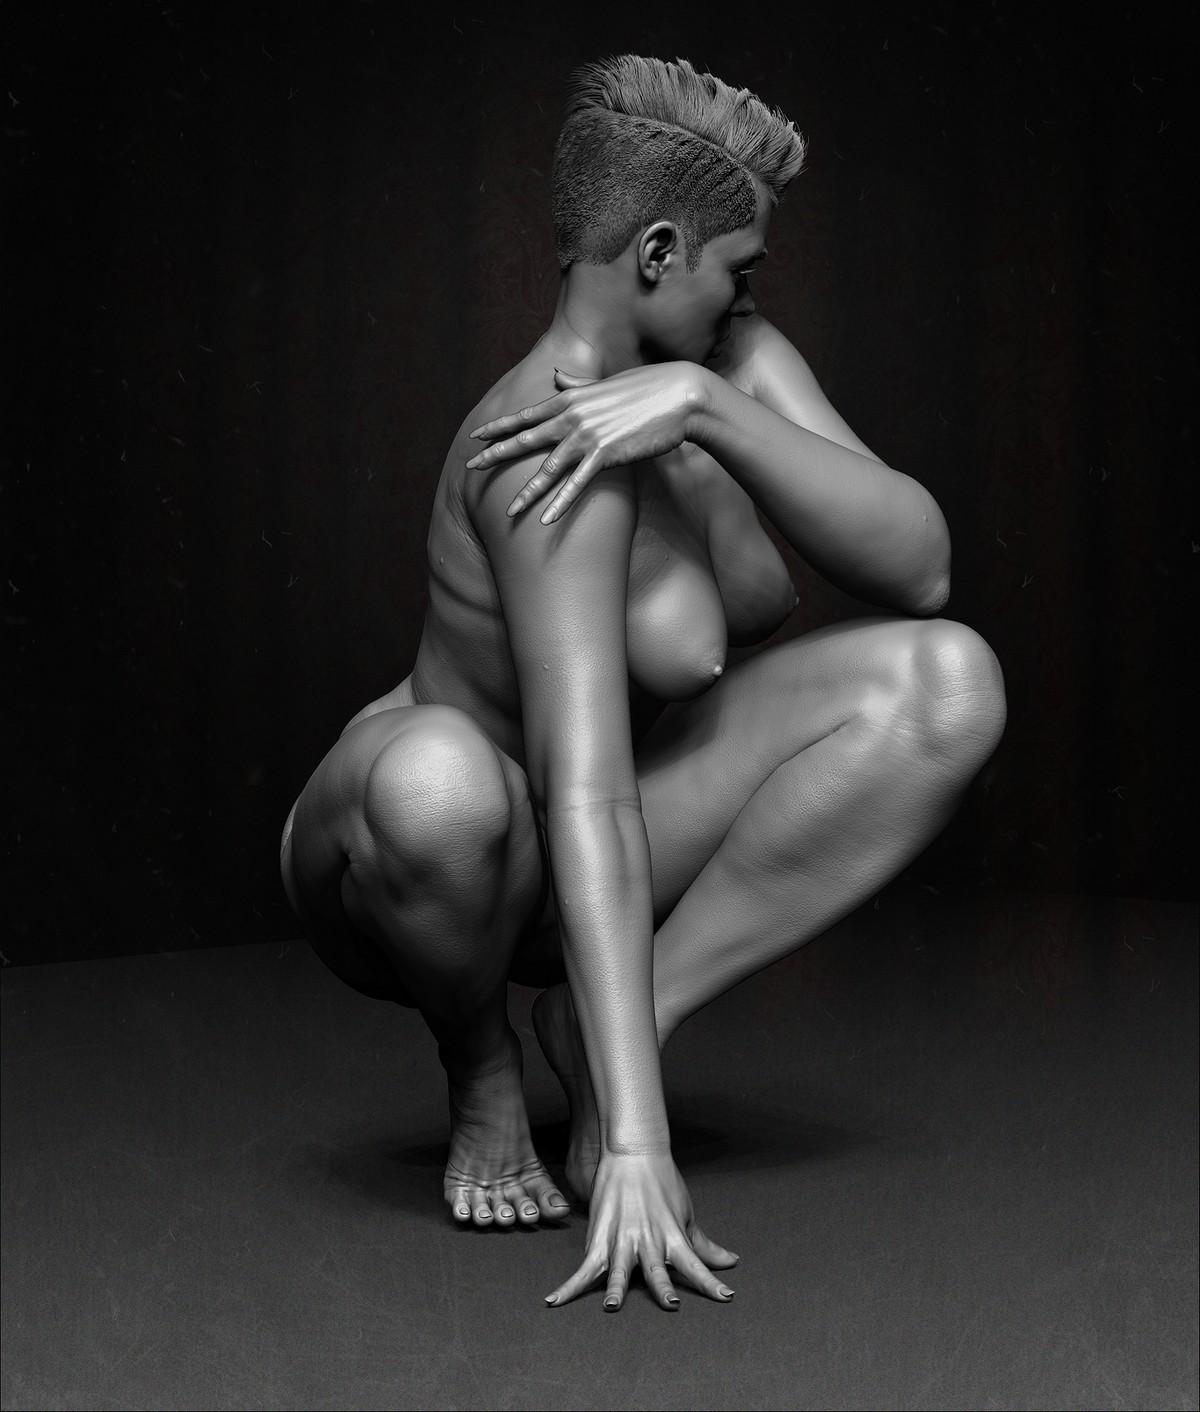 imagenes de masajes eroticos a 4 manos